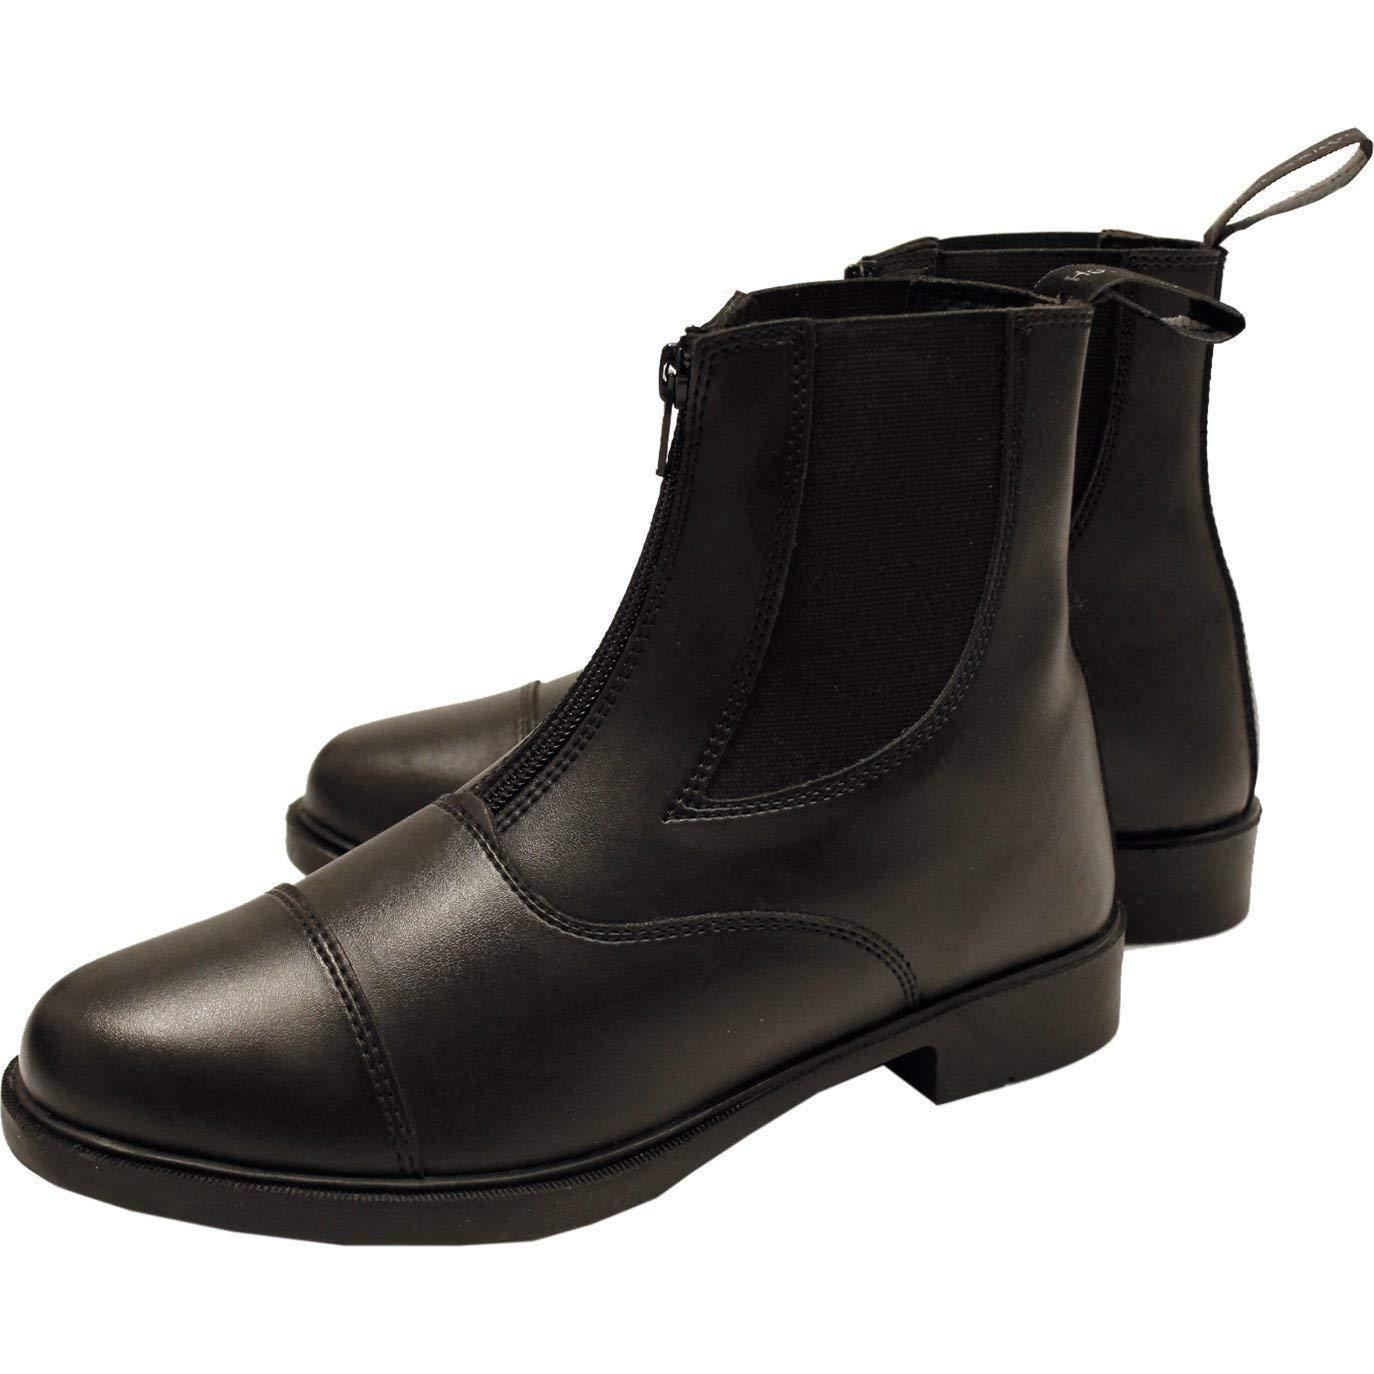 Horseware Short Riding Boot Zip Ladies B0713QWGHH 41 Eur ブラック ブラック 41 Eur